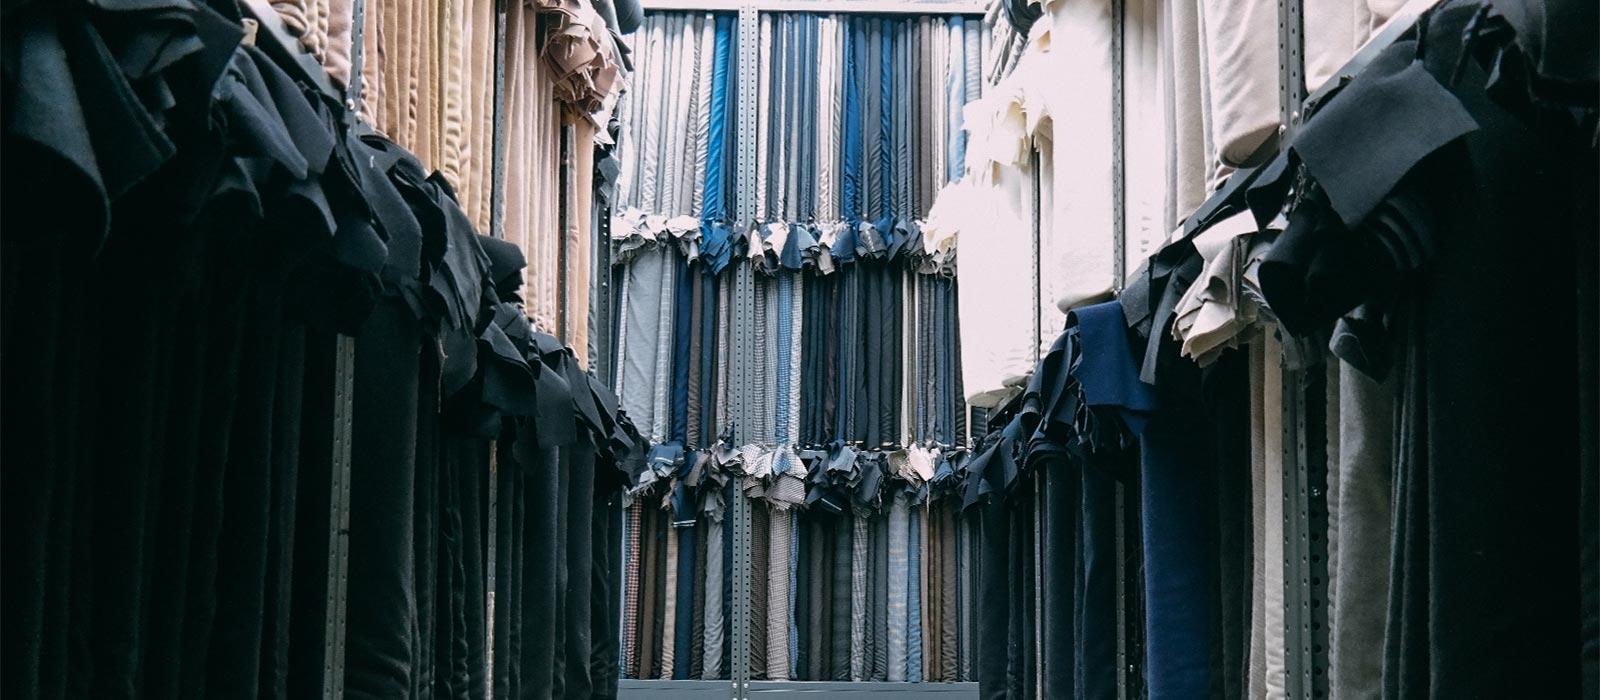 fabric-czar-slide8